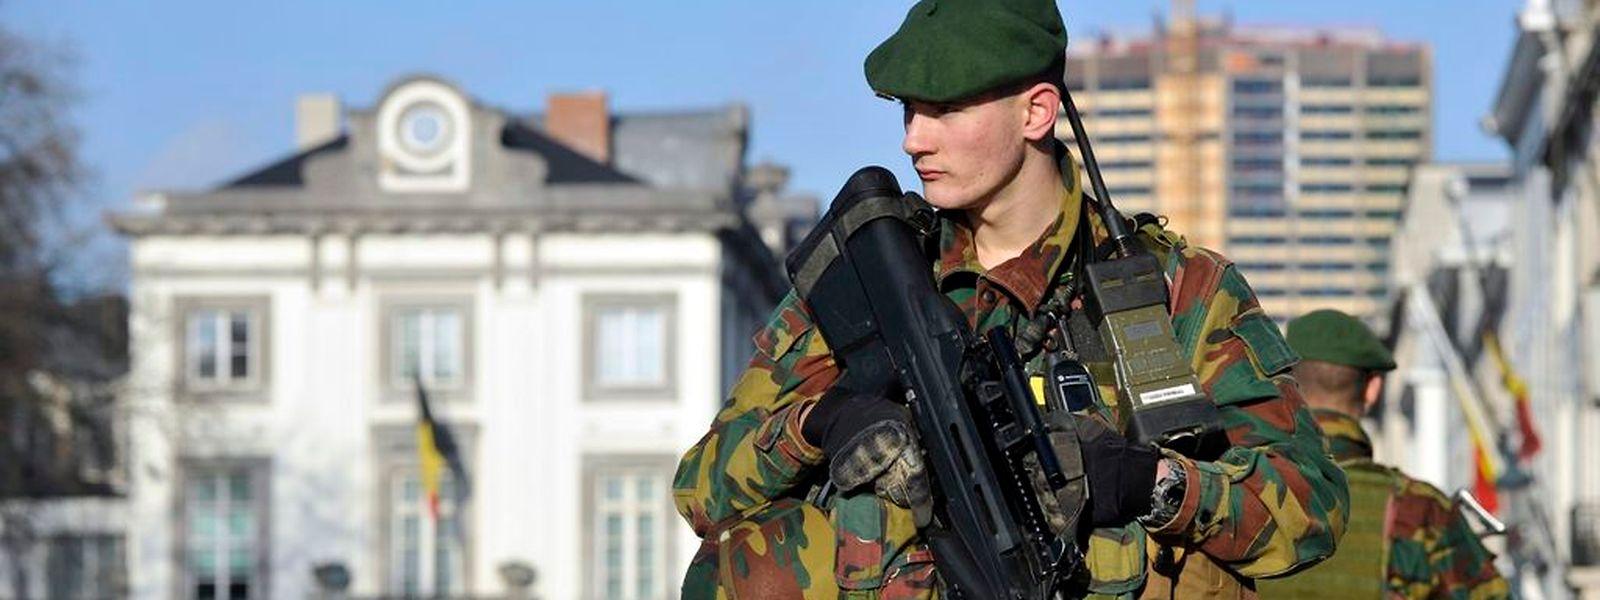 Belgische Fahnder suchen mit Hochdruck nach einem früheren Syrien-Kämpfer, der hinter dem vereitelten Anschlag gegen Polizisten stecken soll.